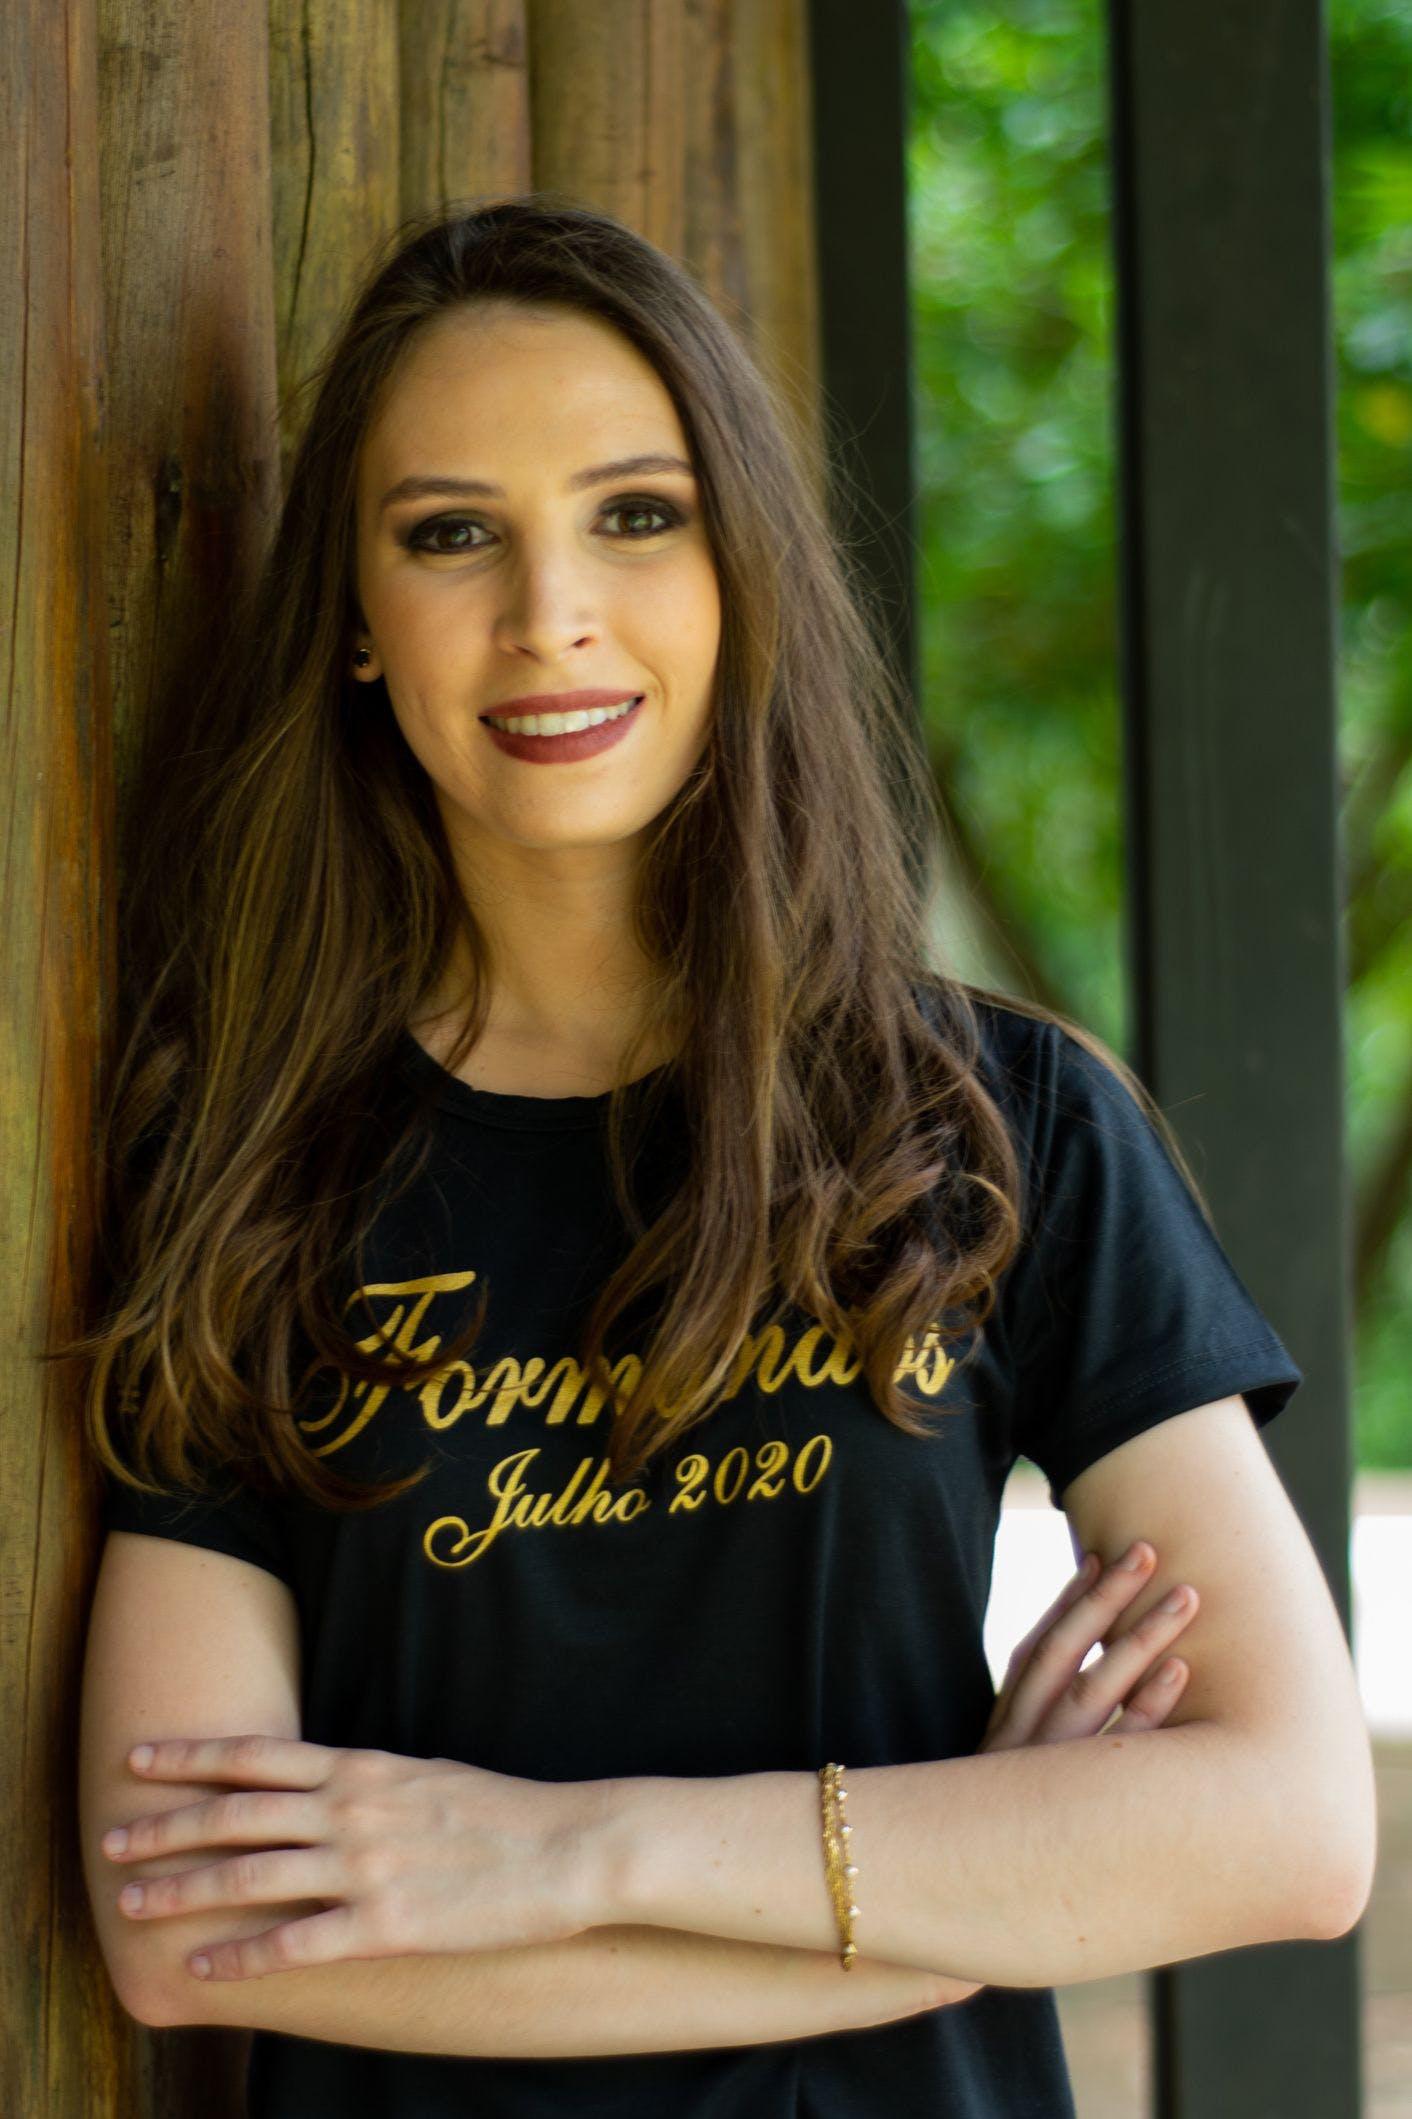 picture of Isabella Venturim Teixeira